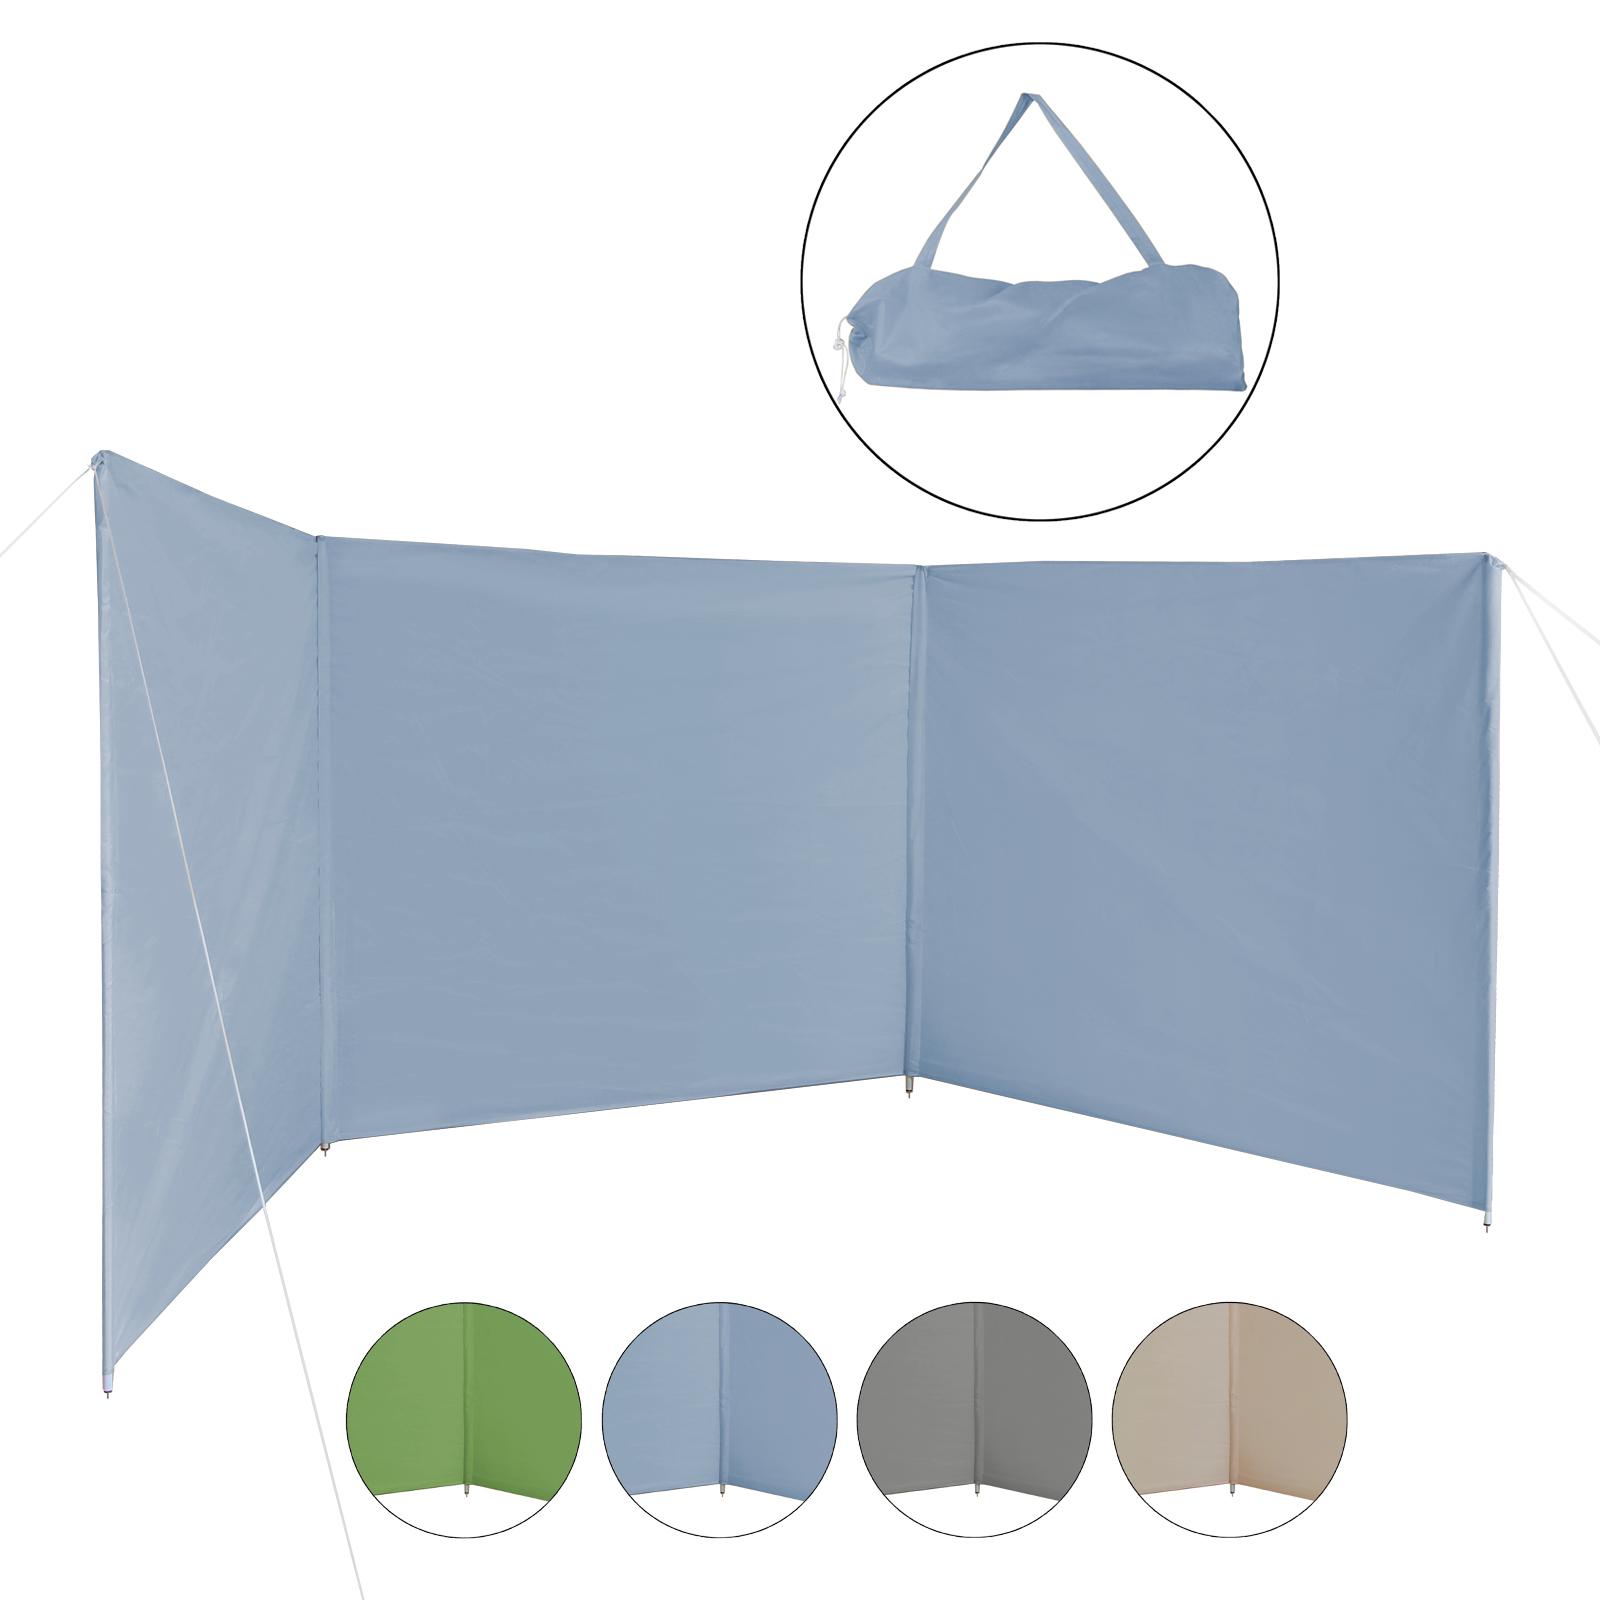 Windschutz Sichtschutz WINDERMERE 500 x 140 cm Garten Camping